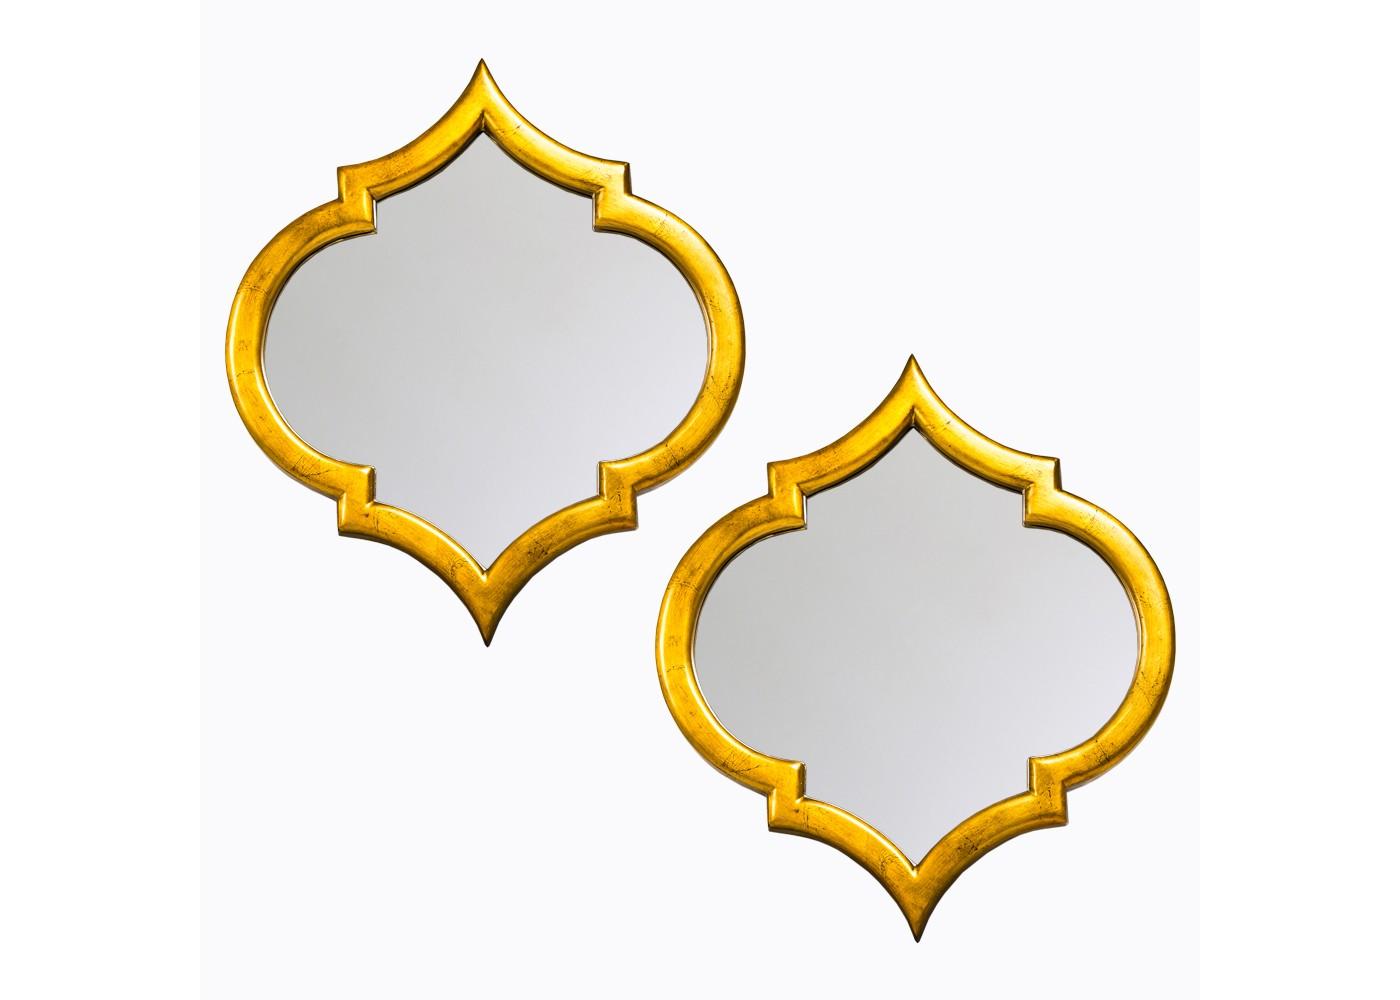 Комплект из двух настенных зеркал «Доминик»Настенные зеркала<br>&amp;quot;Доминик&amp;quot; ? набор зеркал, чье оформление искусно маневрирует на стыке практичности, лаконичности и роскоши. Функциональность декора проявляется в его способности увеличивать распространение света и выступать гармоничным украшение пространства. В дуэте золотистой палитры и симметричных плавных изгибов рождается имидж классической французской грации. Грации, которая в сиянии шарма ар деко, прованса или рококо будет смотреться невероятно гармонично.&amp;lt;div&amp;gt;&amp;lt;br&amp;gt;&amp;lt;/div&amp;gt;&amp;lt;div&amp;gt;Размер каждого зеркала: 52?58?3,85 см.&amp;lt;/div&amp;gt;&amp;lt;div&amp;gt;Вес (1 штука): 2,1 кг.&amp;lt;/div&amp;gt;<br><br>Material: Полиуретан<br>Width см: 52<br>Depth см: 3,85<br>Height см: 58